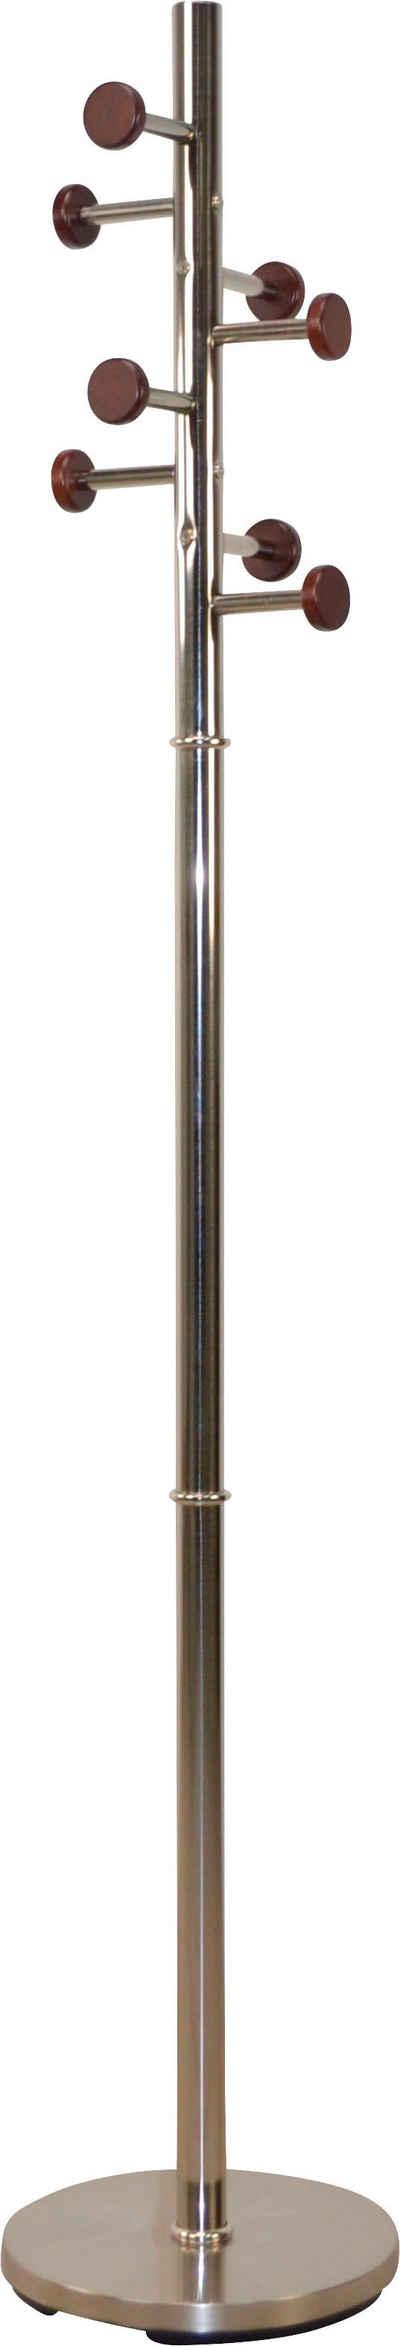 Garderobenständer, aus Metall, Höhe 172 cm, 8 Haken